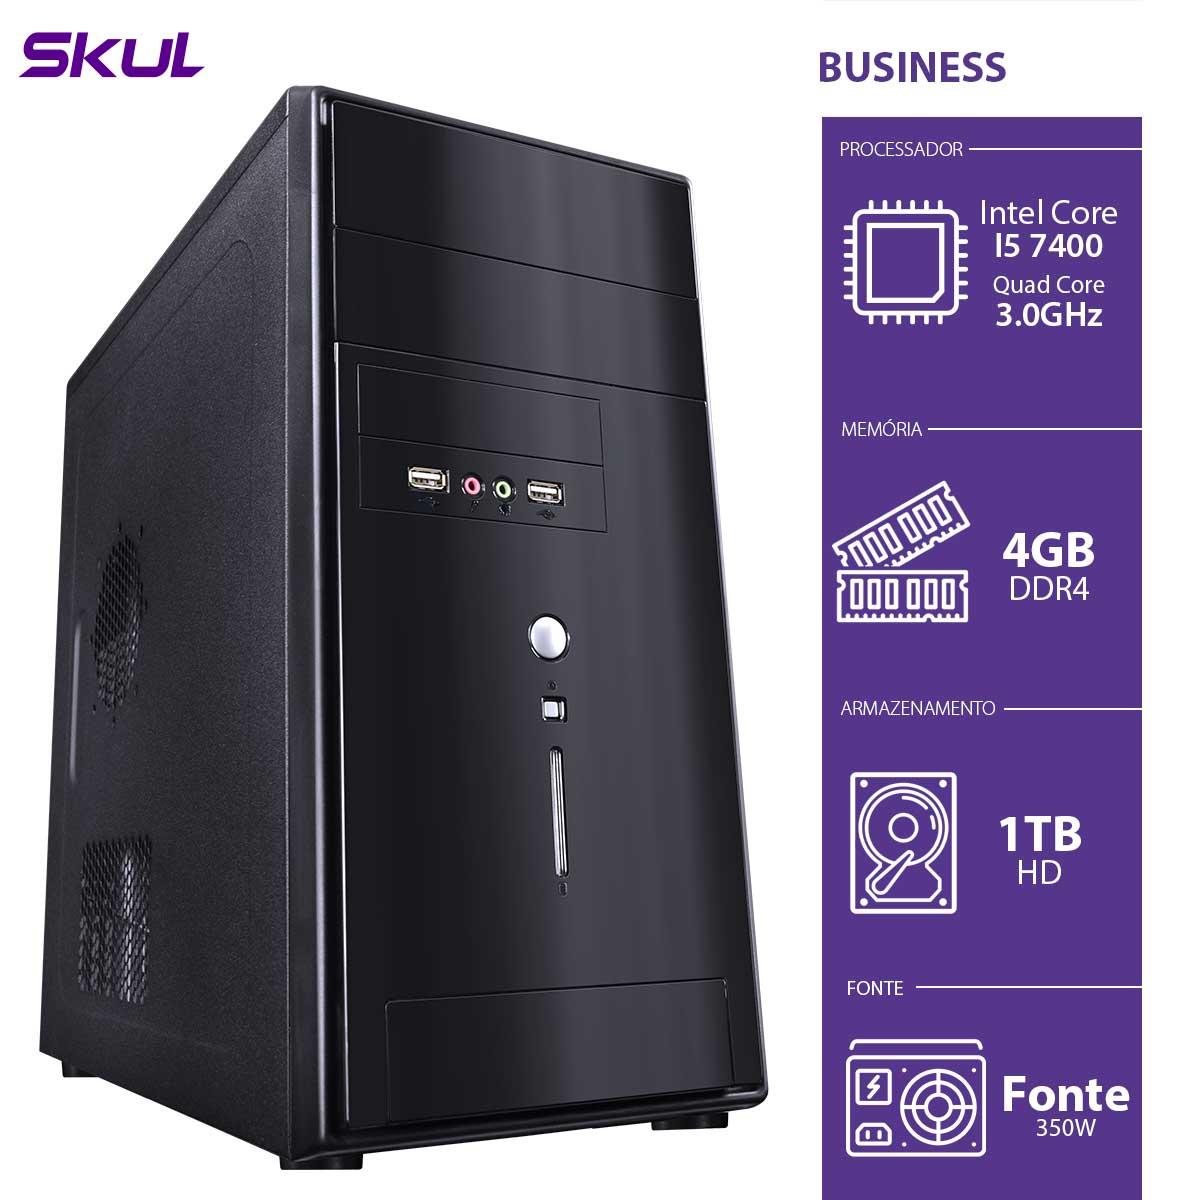 Computador Business B500 - I5-7400 3.0GHZ 4GB DDR4 HD 1TB HDMI/VGA Fonte 350W - B74001T4